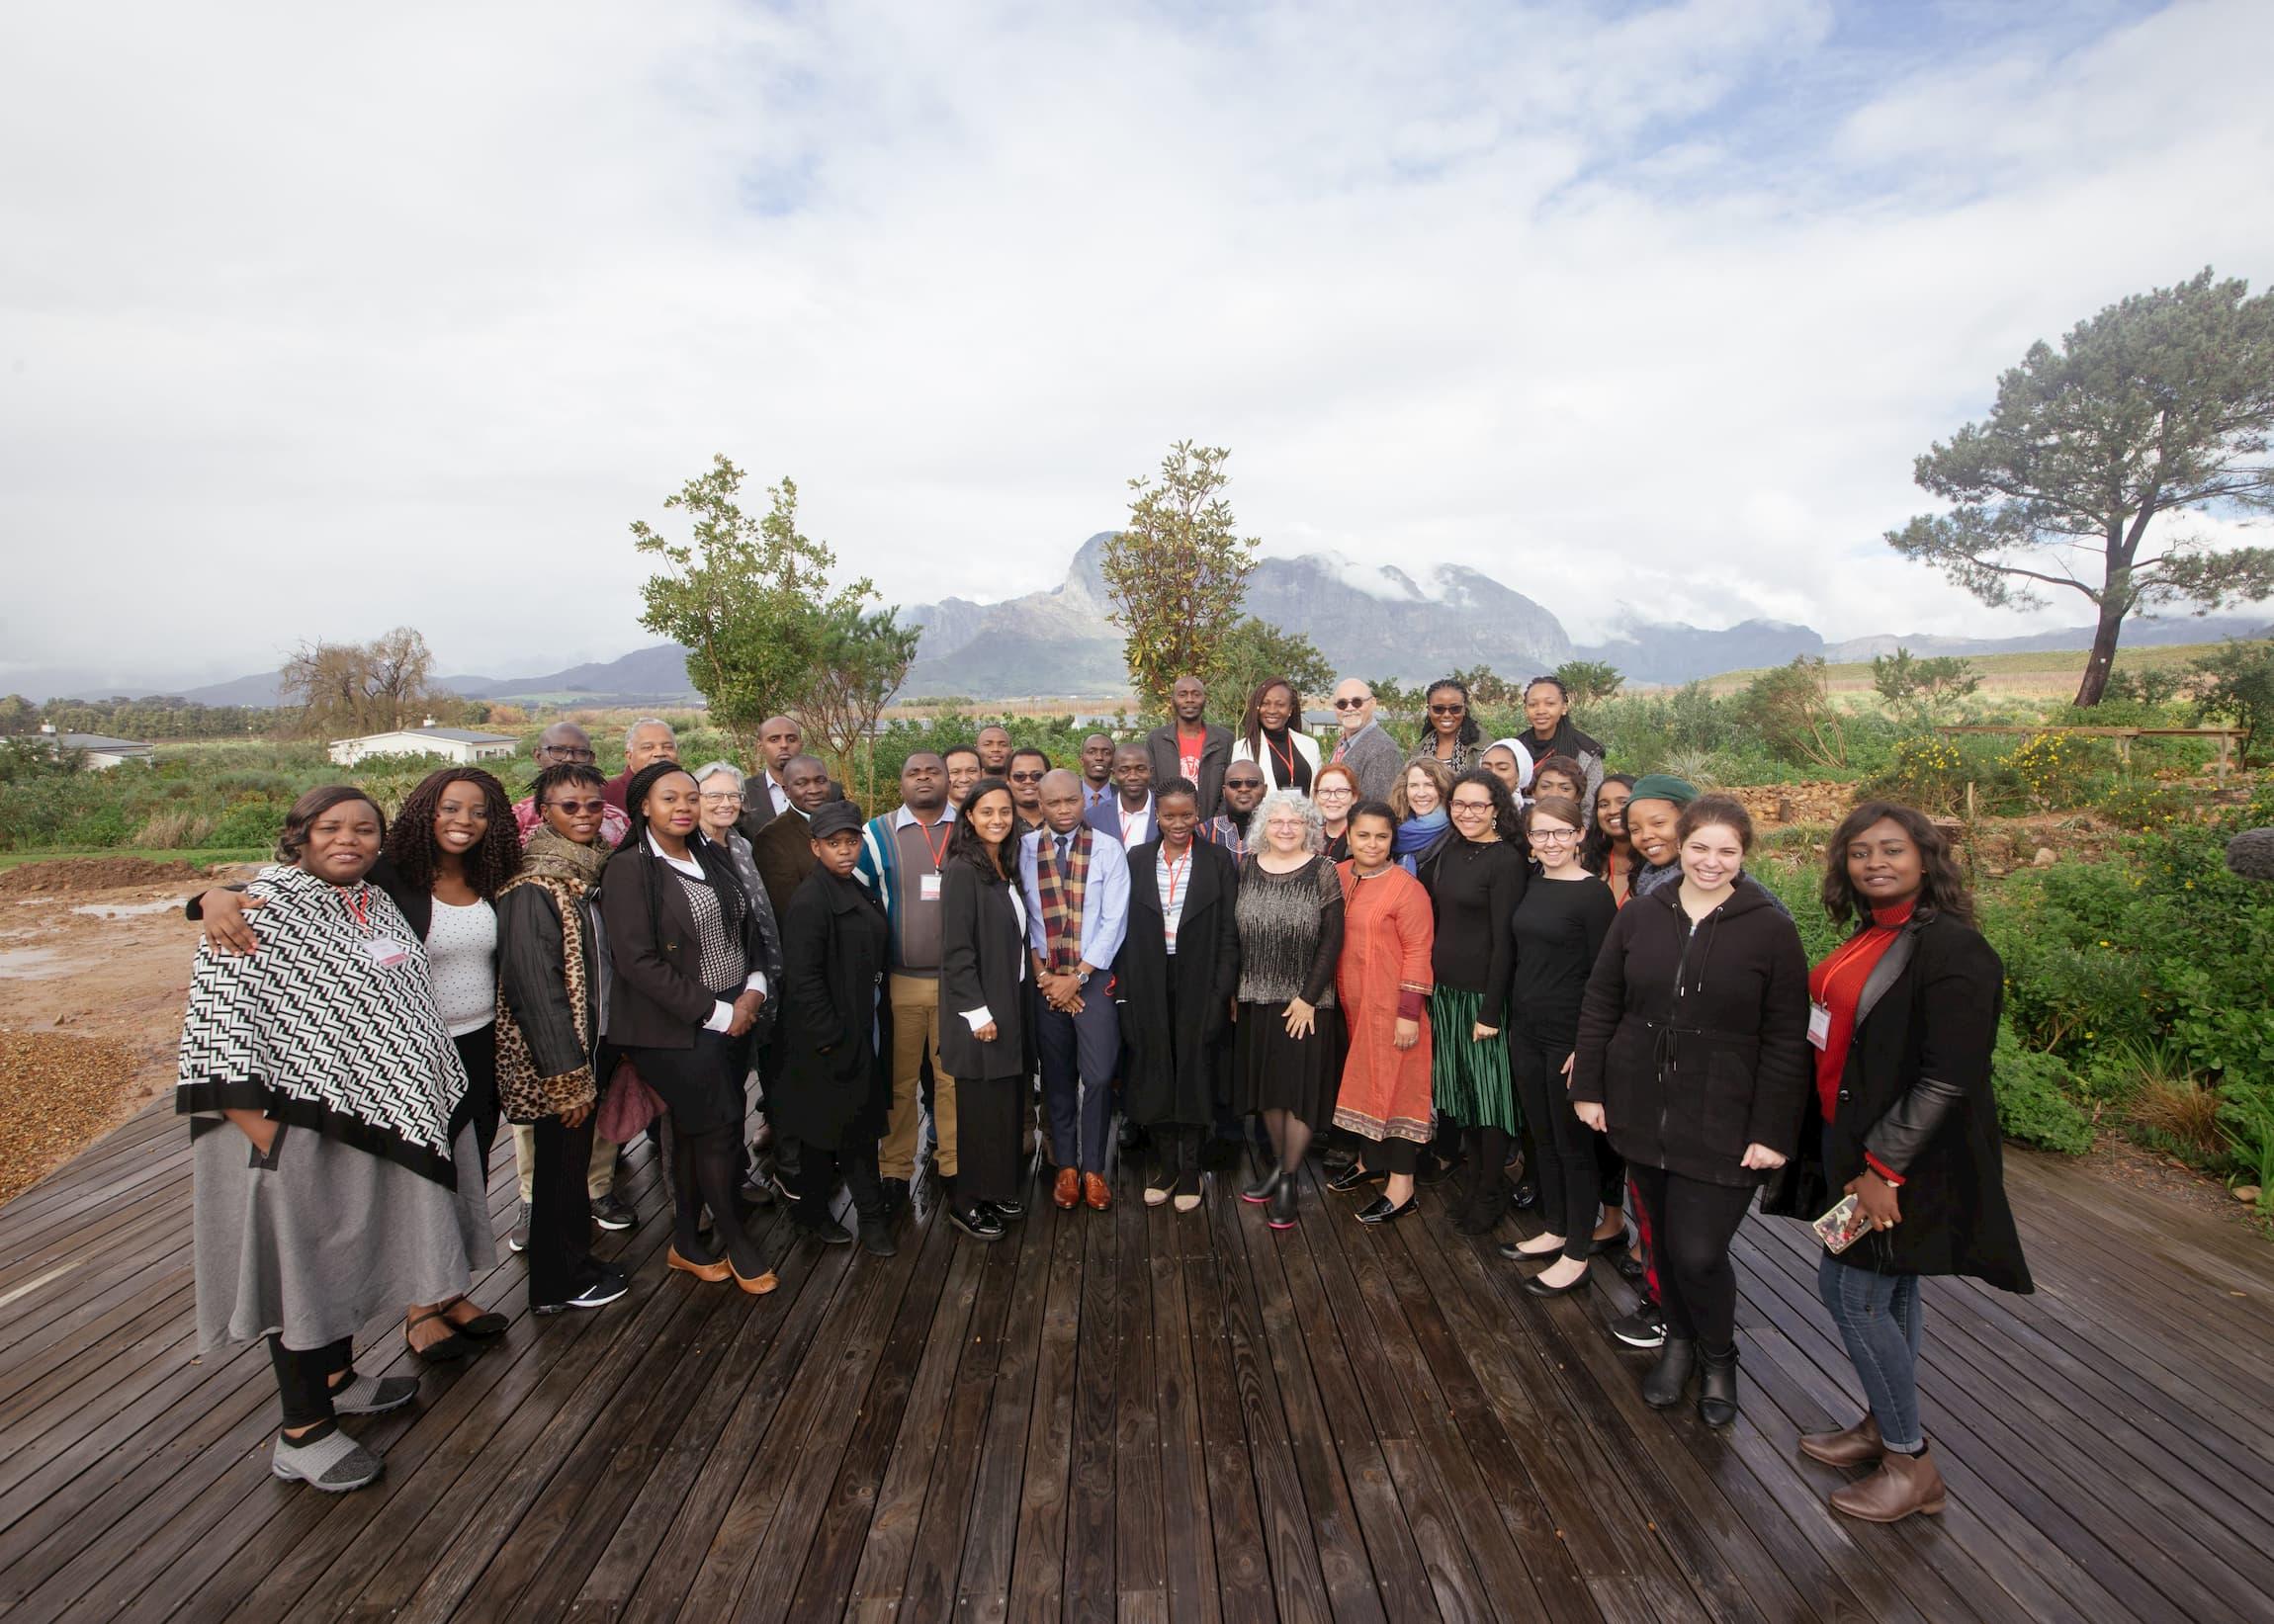 Un groupe d'environ quarante personnes pose pour une photo, debout en un demi-cercle à l'extérieur. Il y a des arbres et une grande montagne au loin derrière eux.